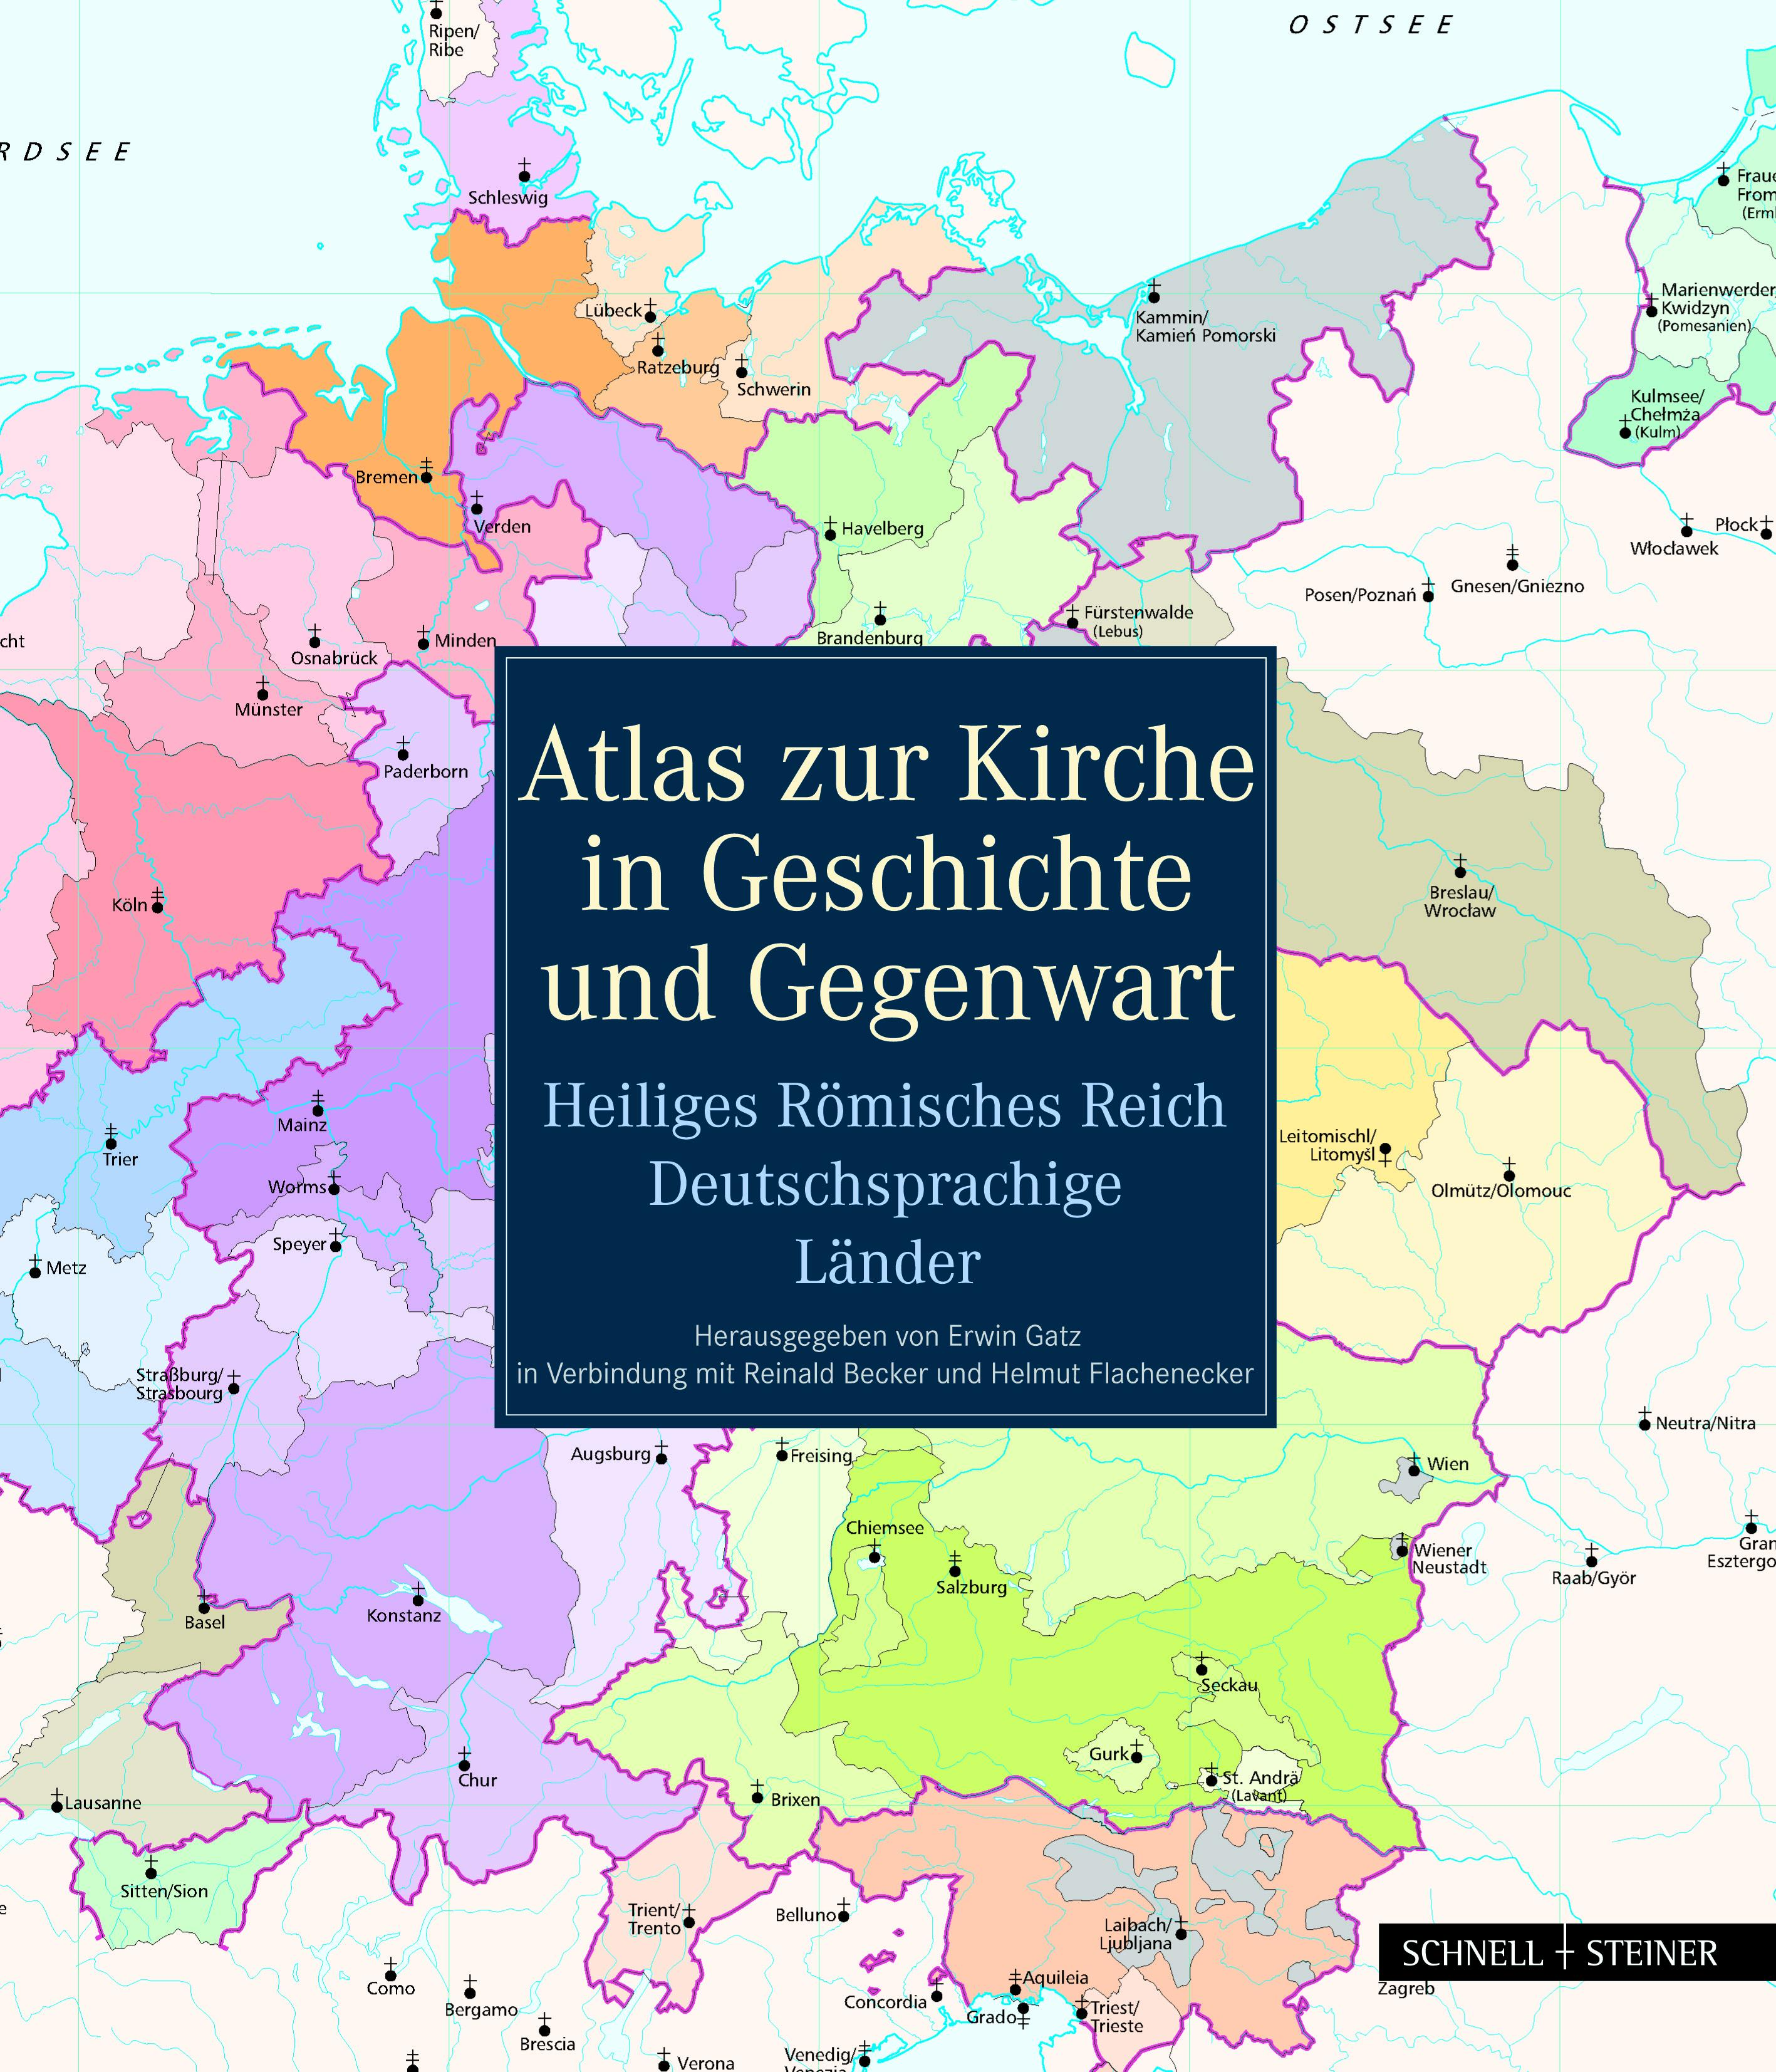 Atlas zur Kirche in Geschichte und Gegenwart, Reinald Becker